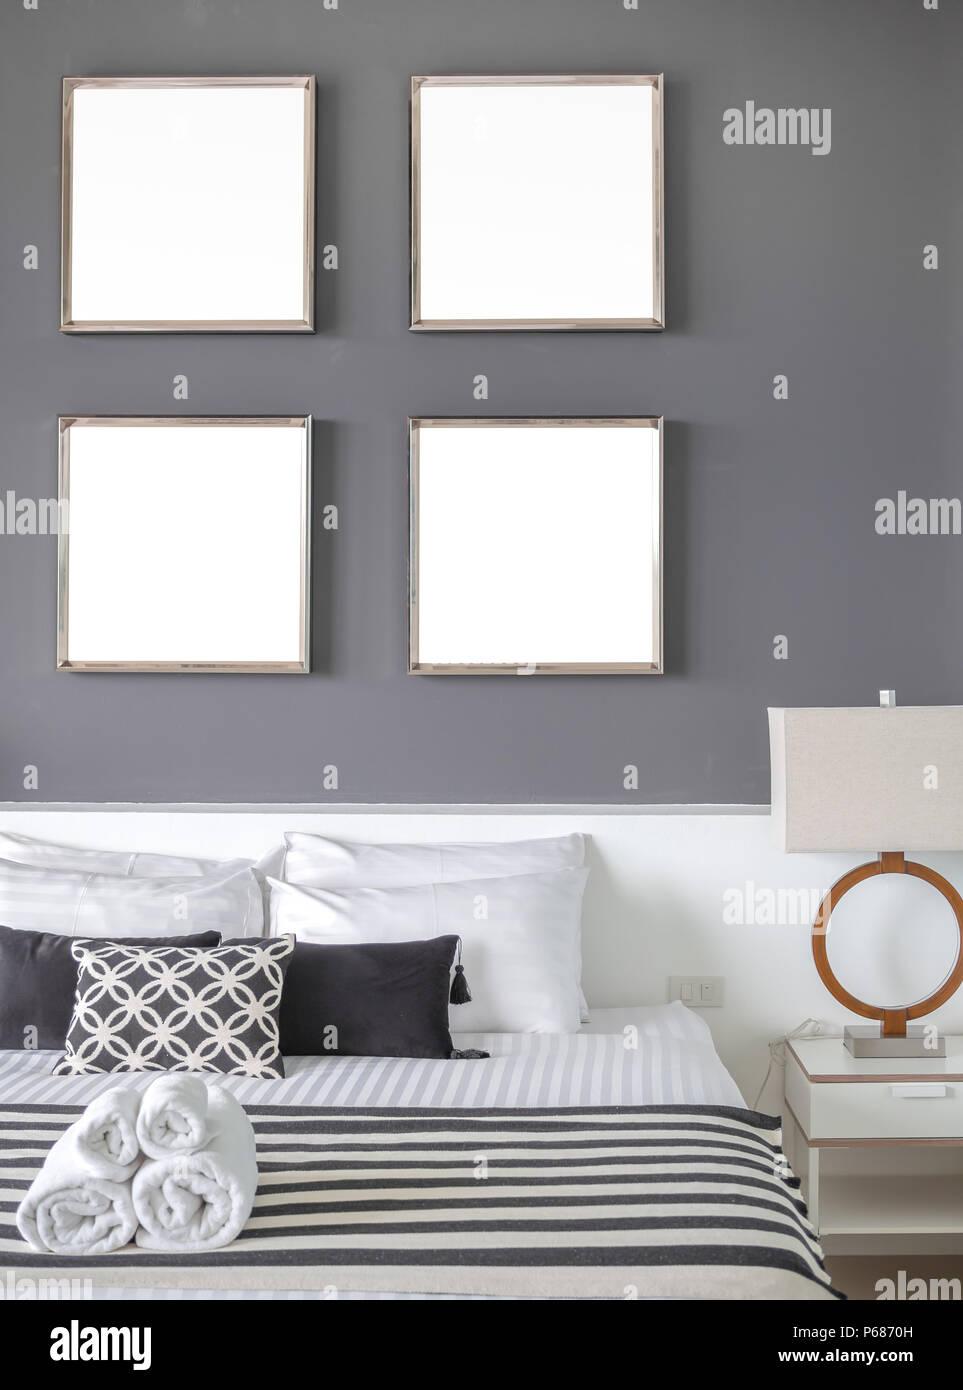 Modernes Schlafzimmer mit vier Quadratmeter leer Edelstahl Rahmen ...